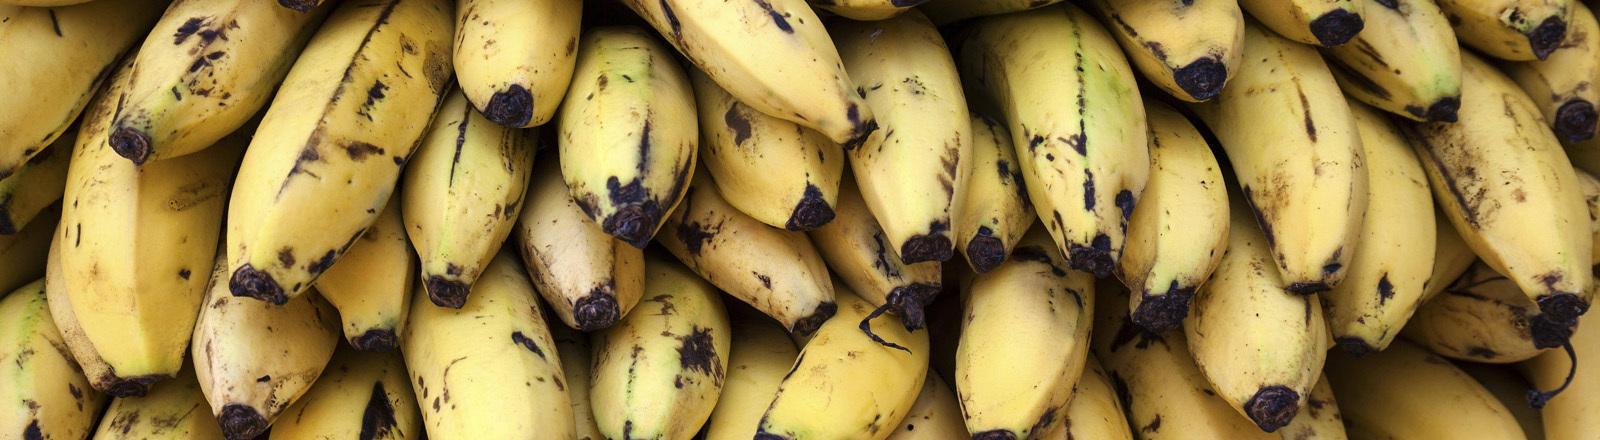 Bananen auf einem Stapel